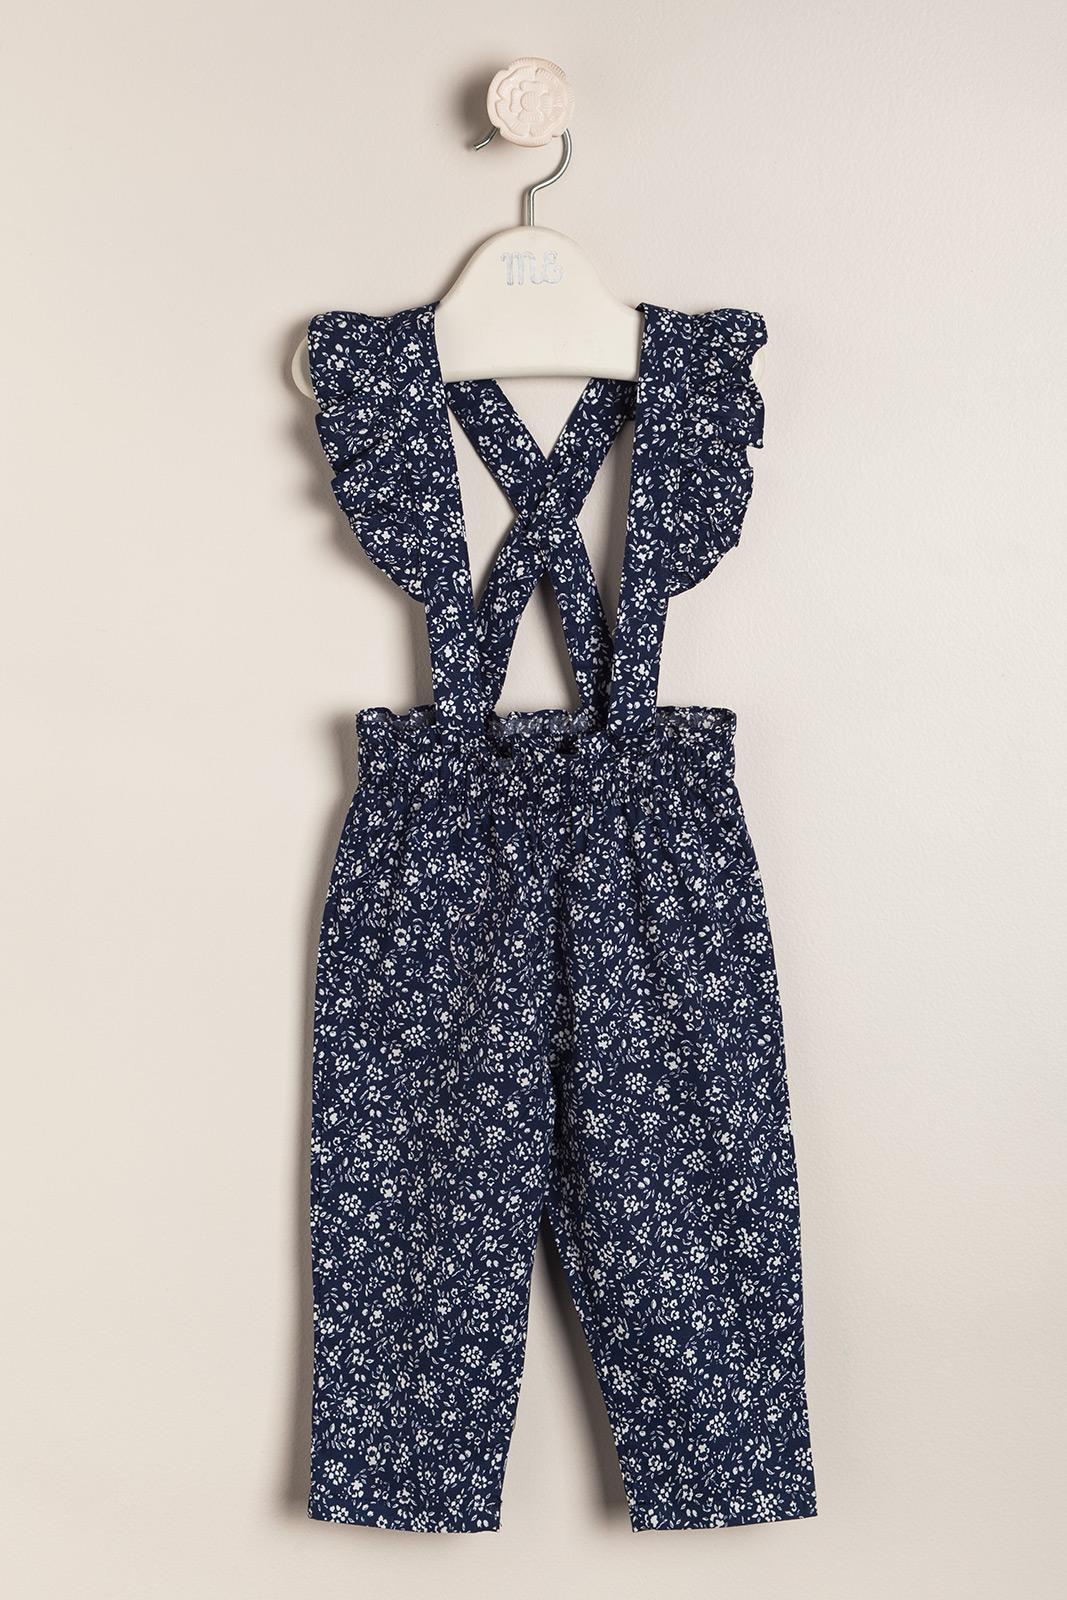 Pantalon con tiradores bianco e blu